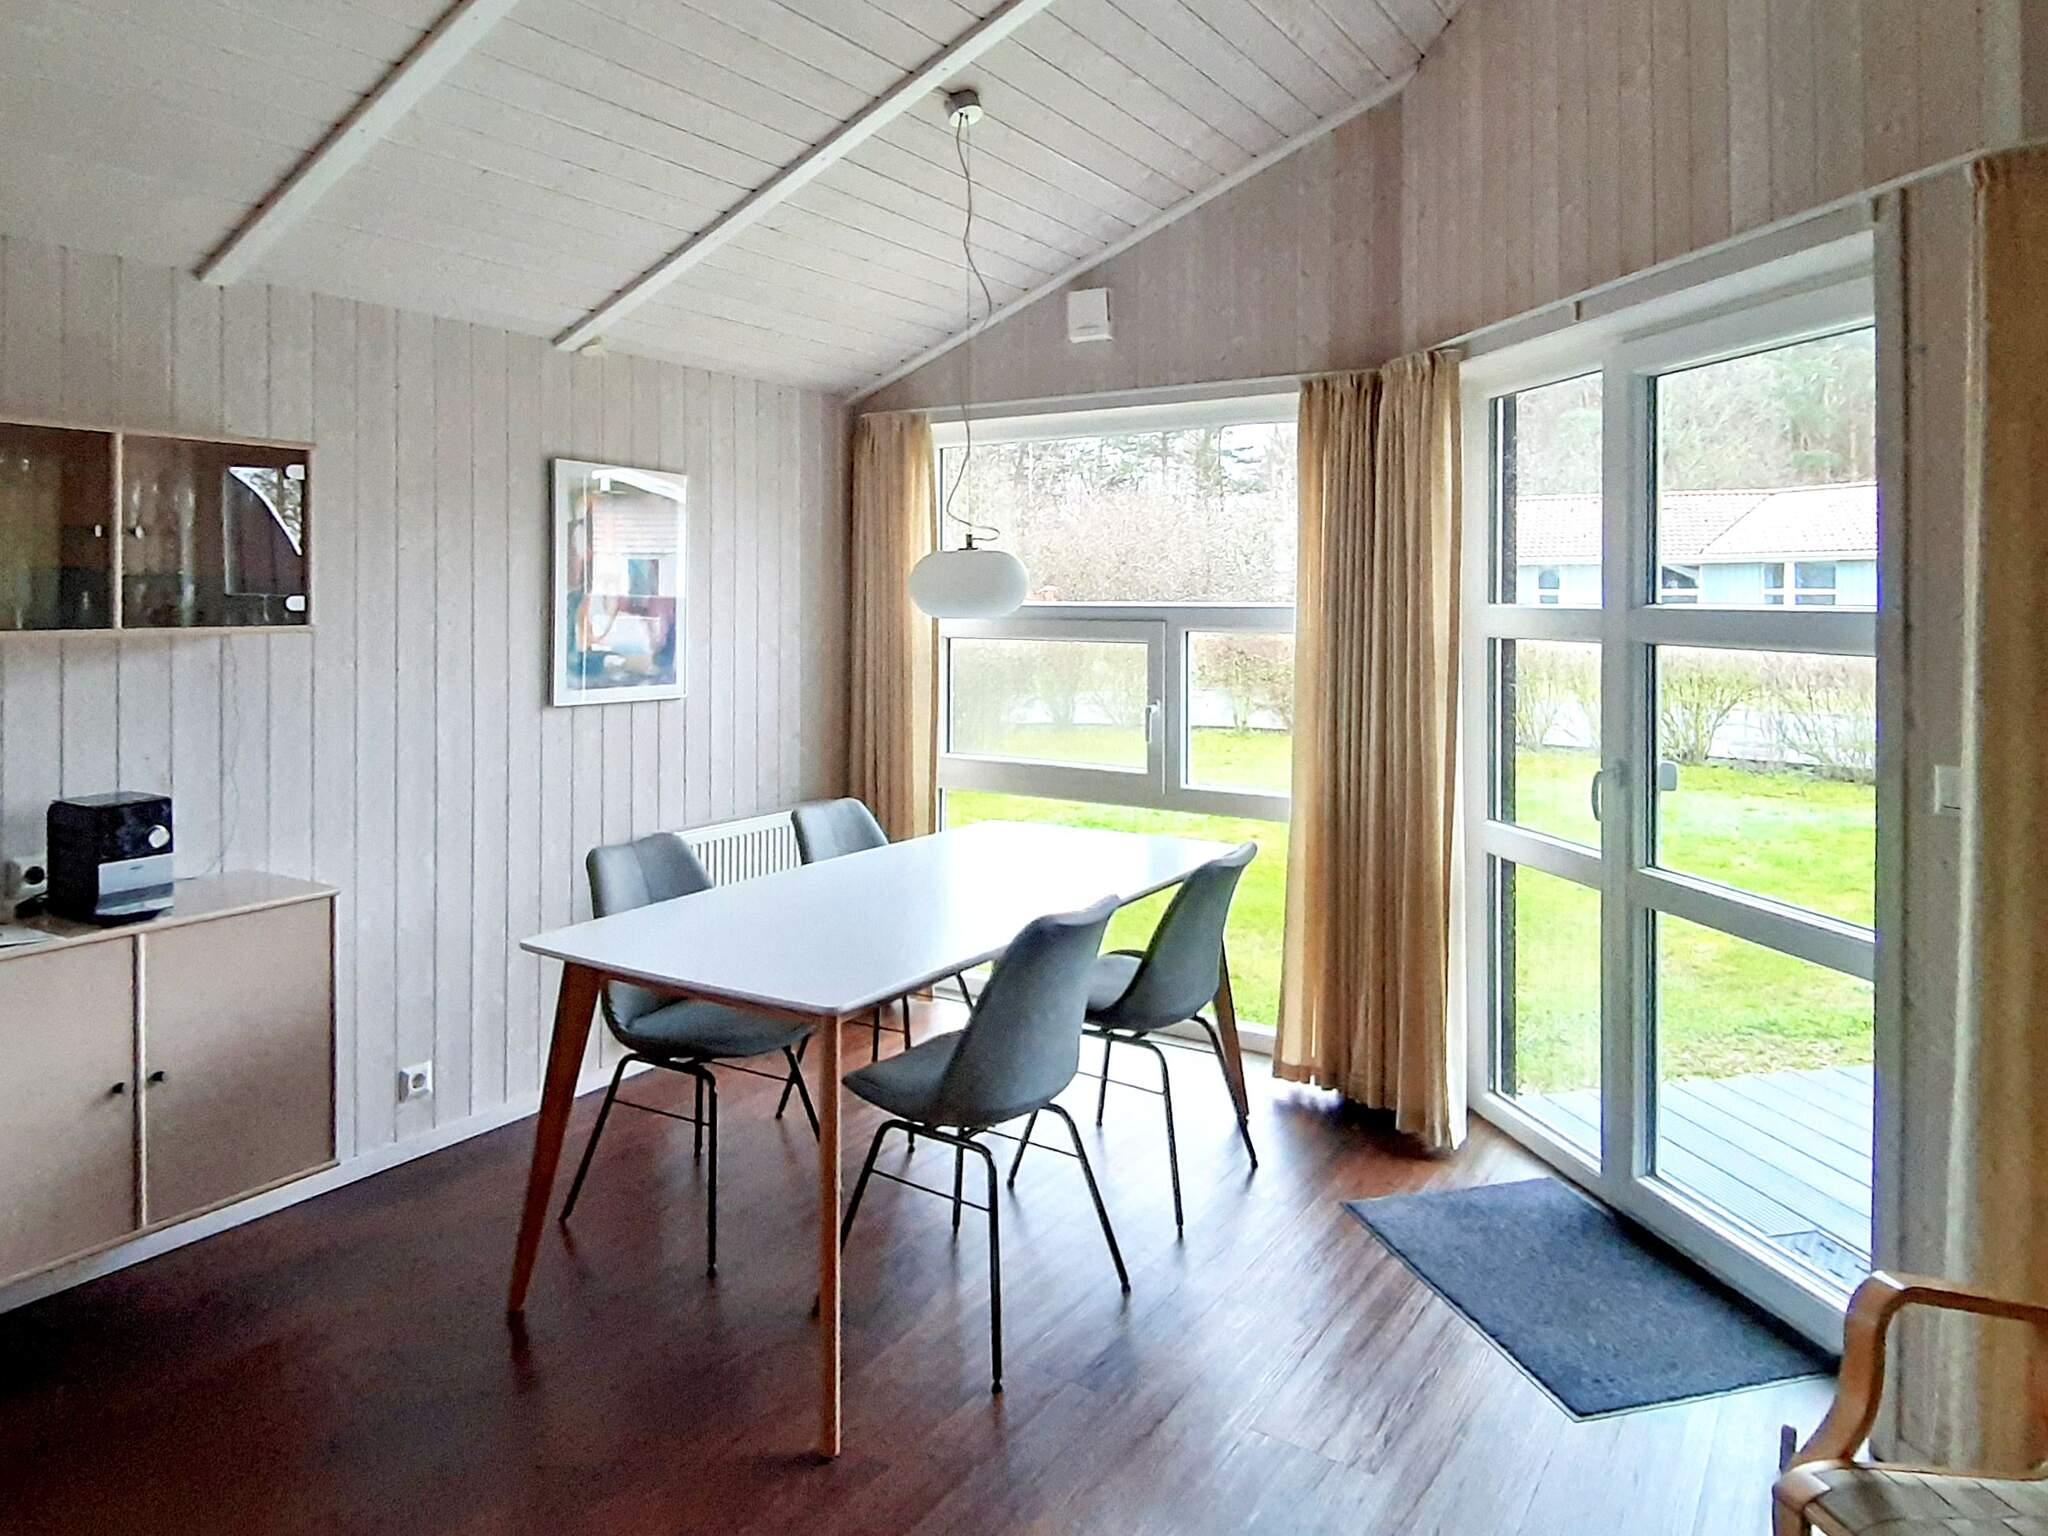 Maison de vacances Grömitz (332024), Grömitz, Baie de Lübeck, Schleswig-Holstein, Allemagne, image 5